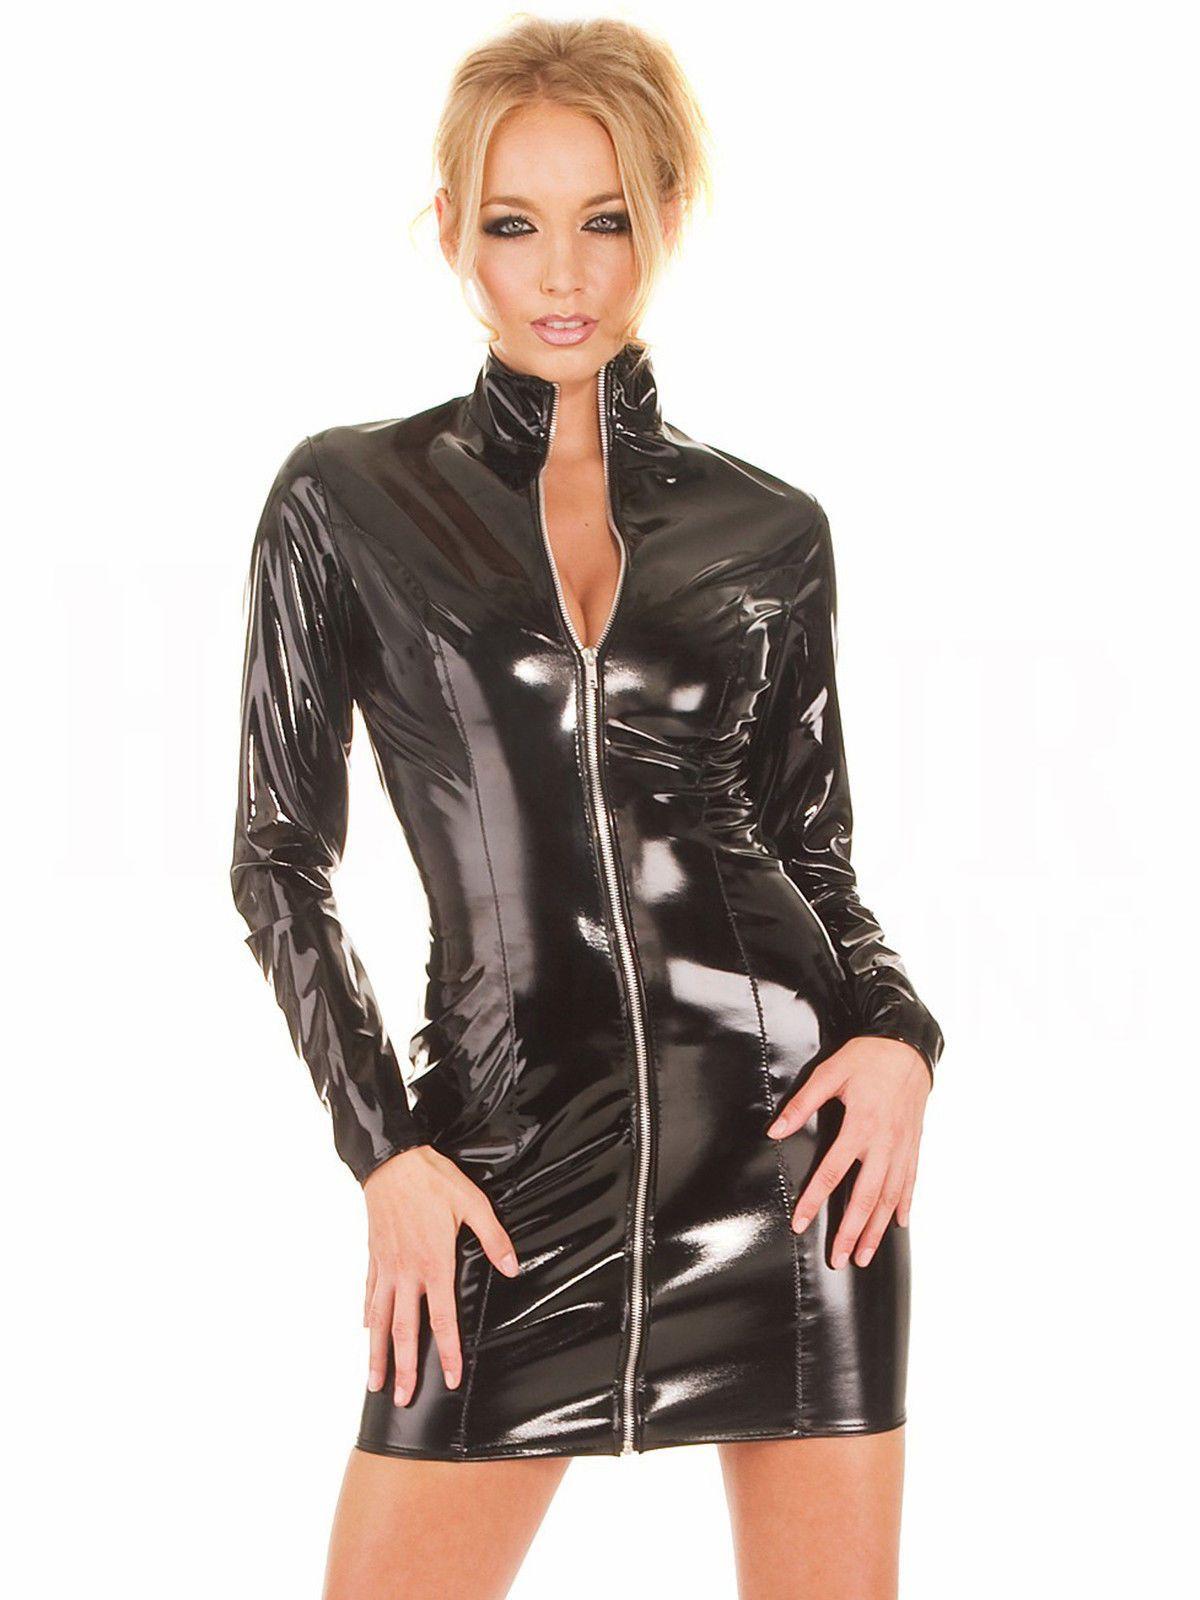 Mini abito in lattice gonna di pelle PVC manica lunga costume sexy lingerie tuta tuta in pelle gioco sexy tuta uniformi abbigliamento da ballo